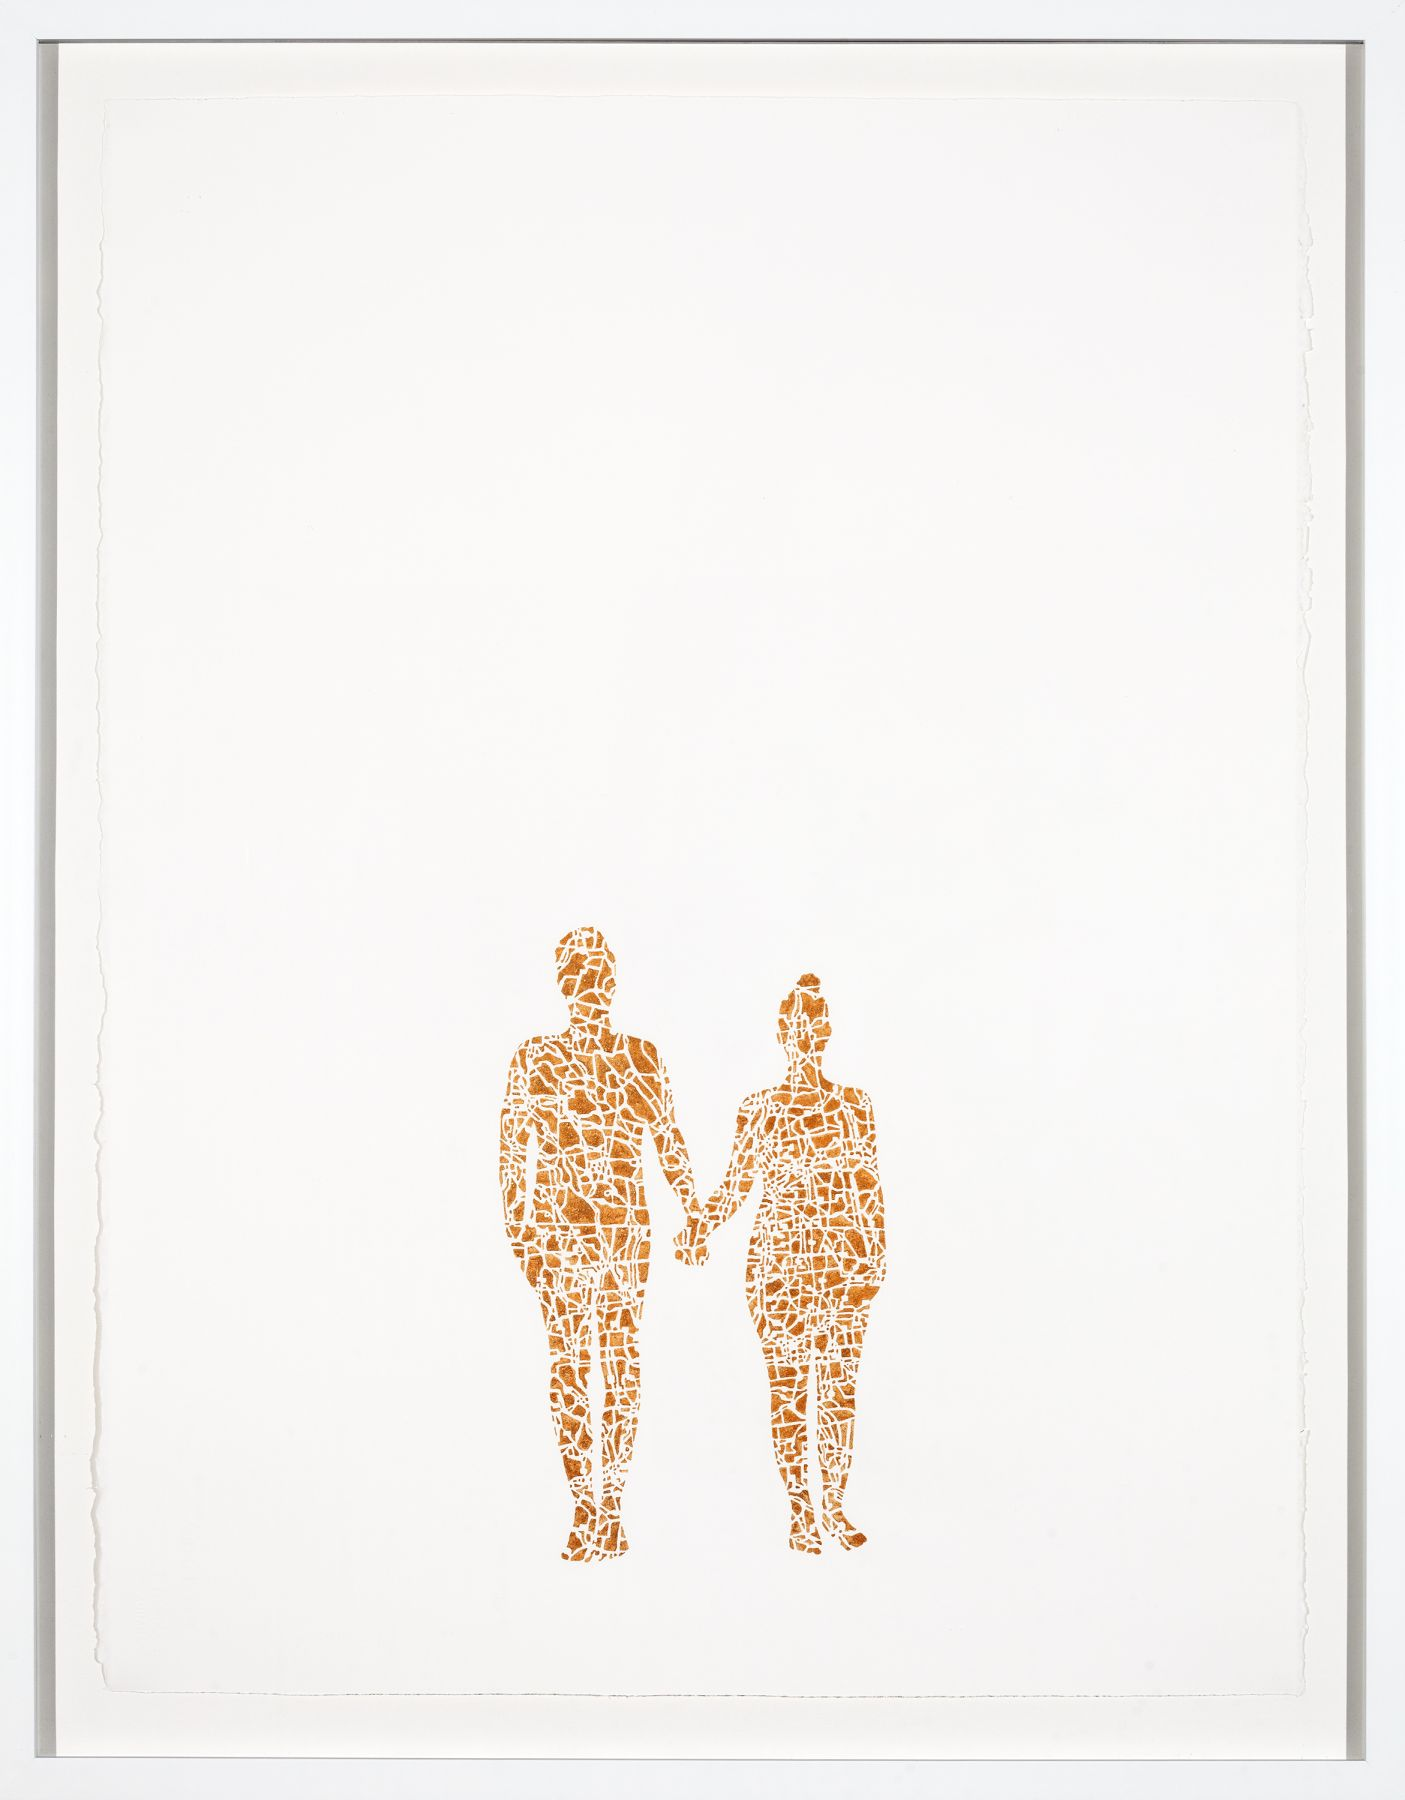 NIKKI ROSATO If I paint us (in gold) III, 2017